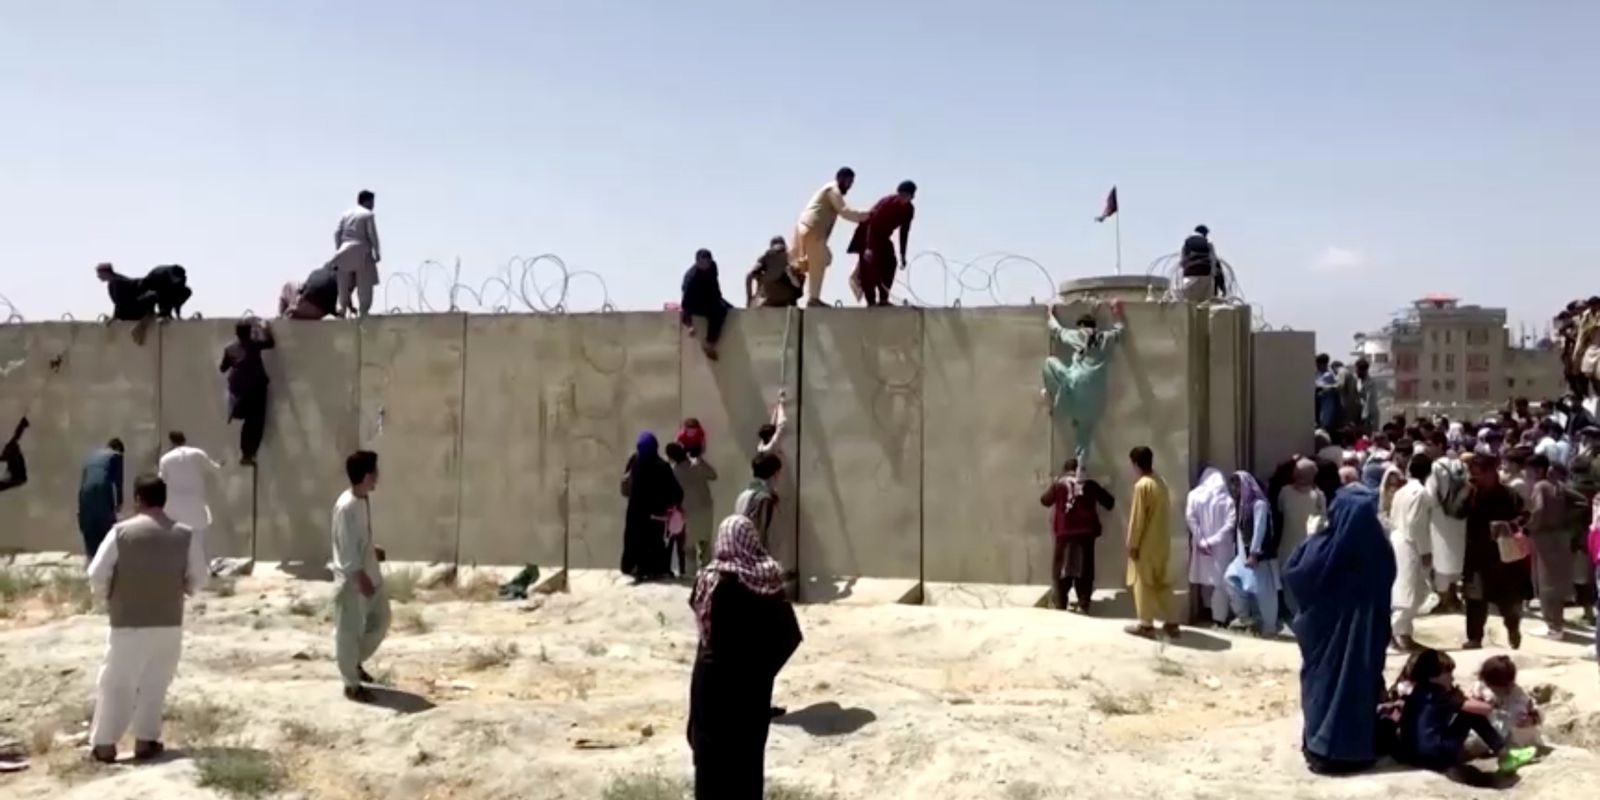 Tiros são ouvidos enquanto o Talibã controla afegãos do lado de fora do Aeroporto de Cabul